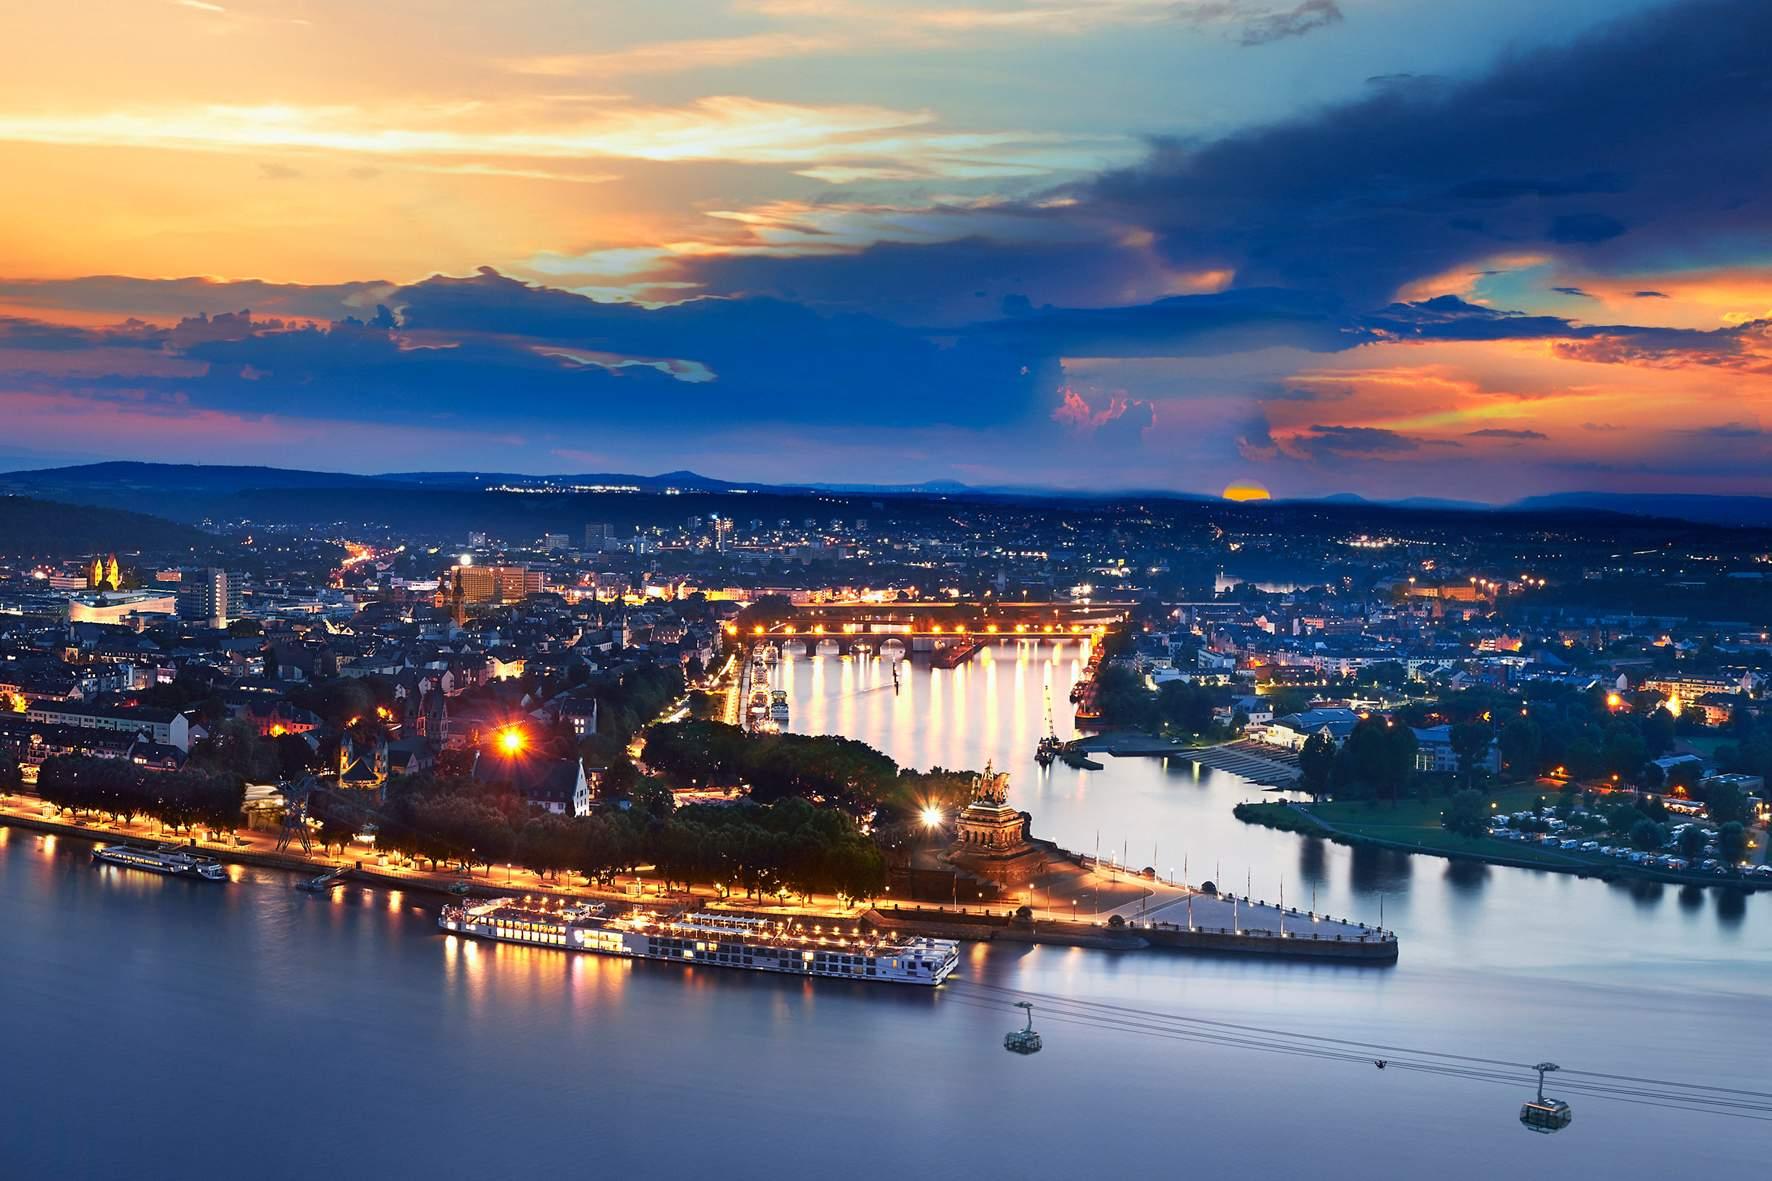 Rhein-Koblenz